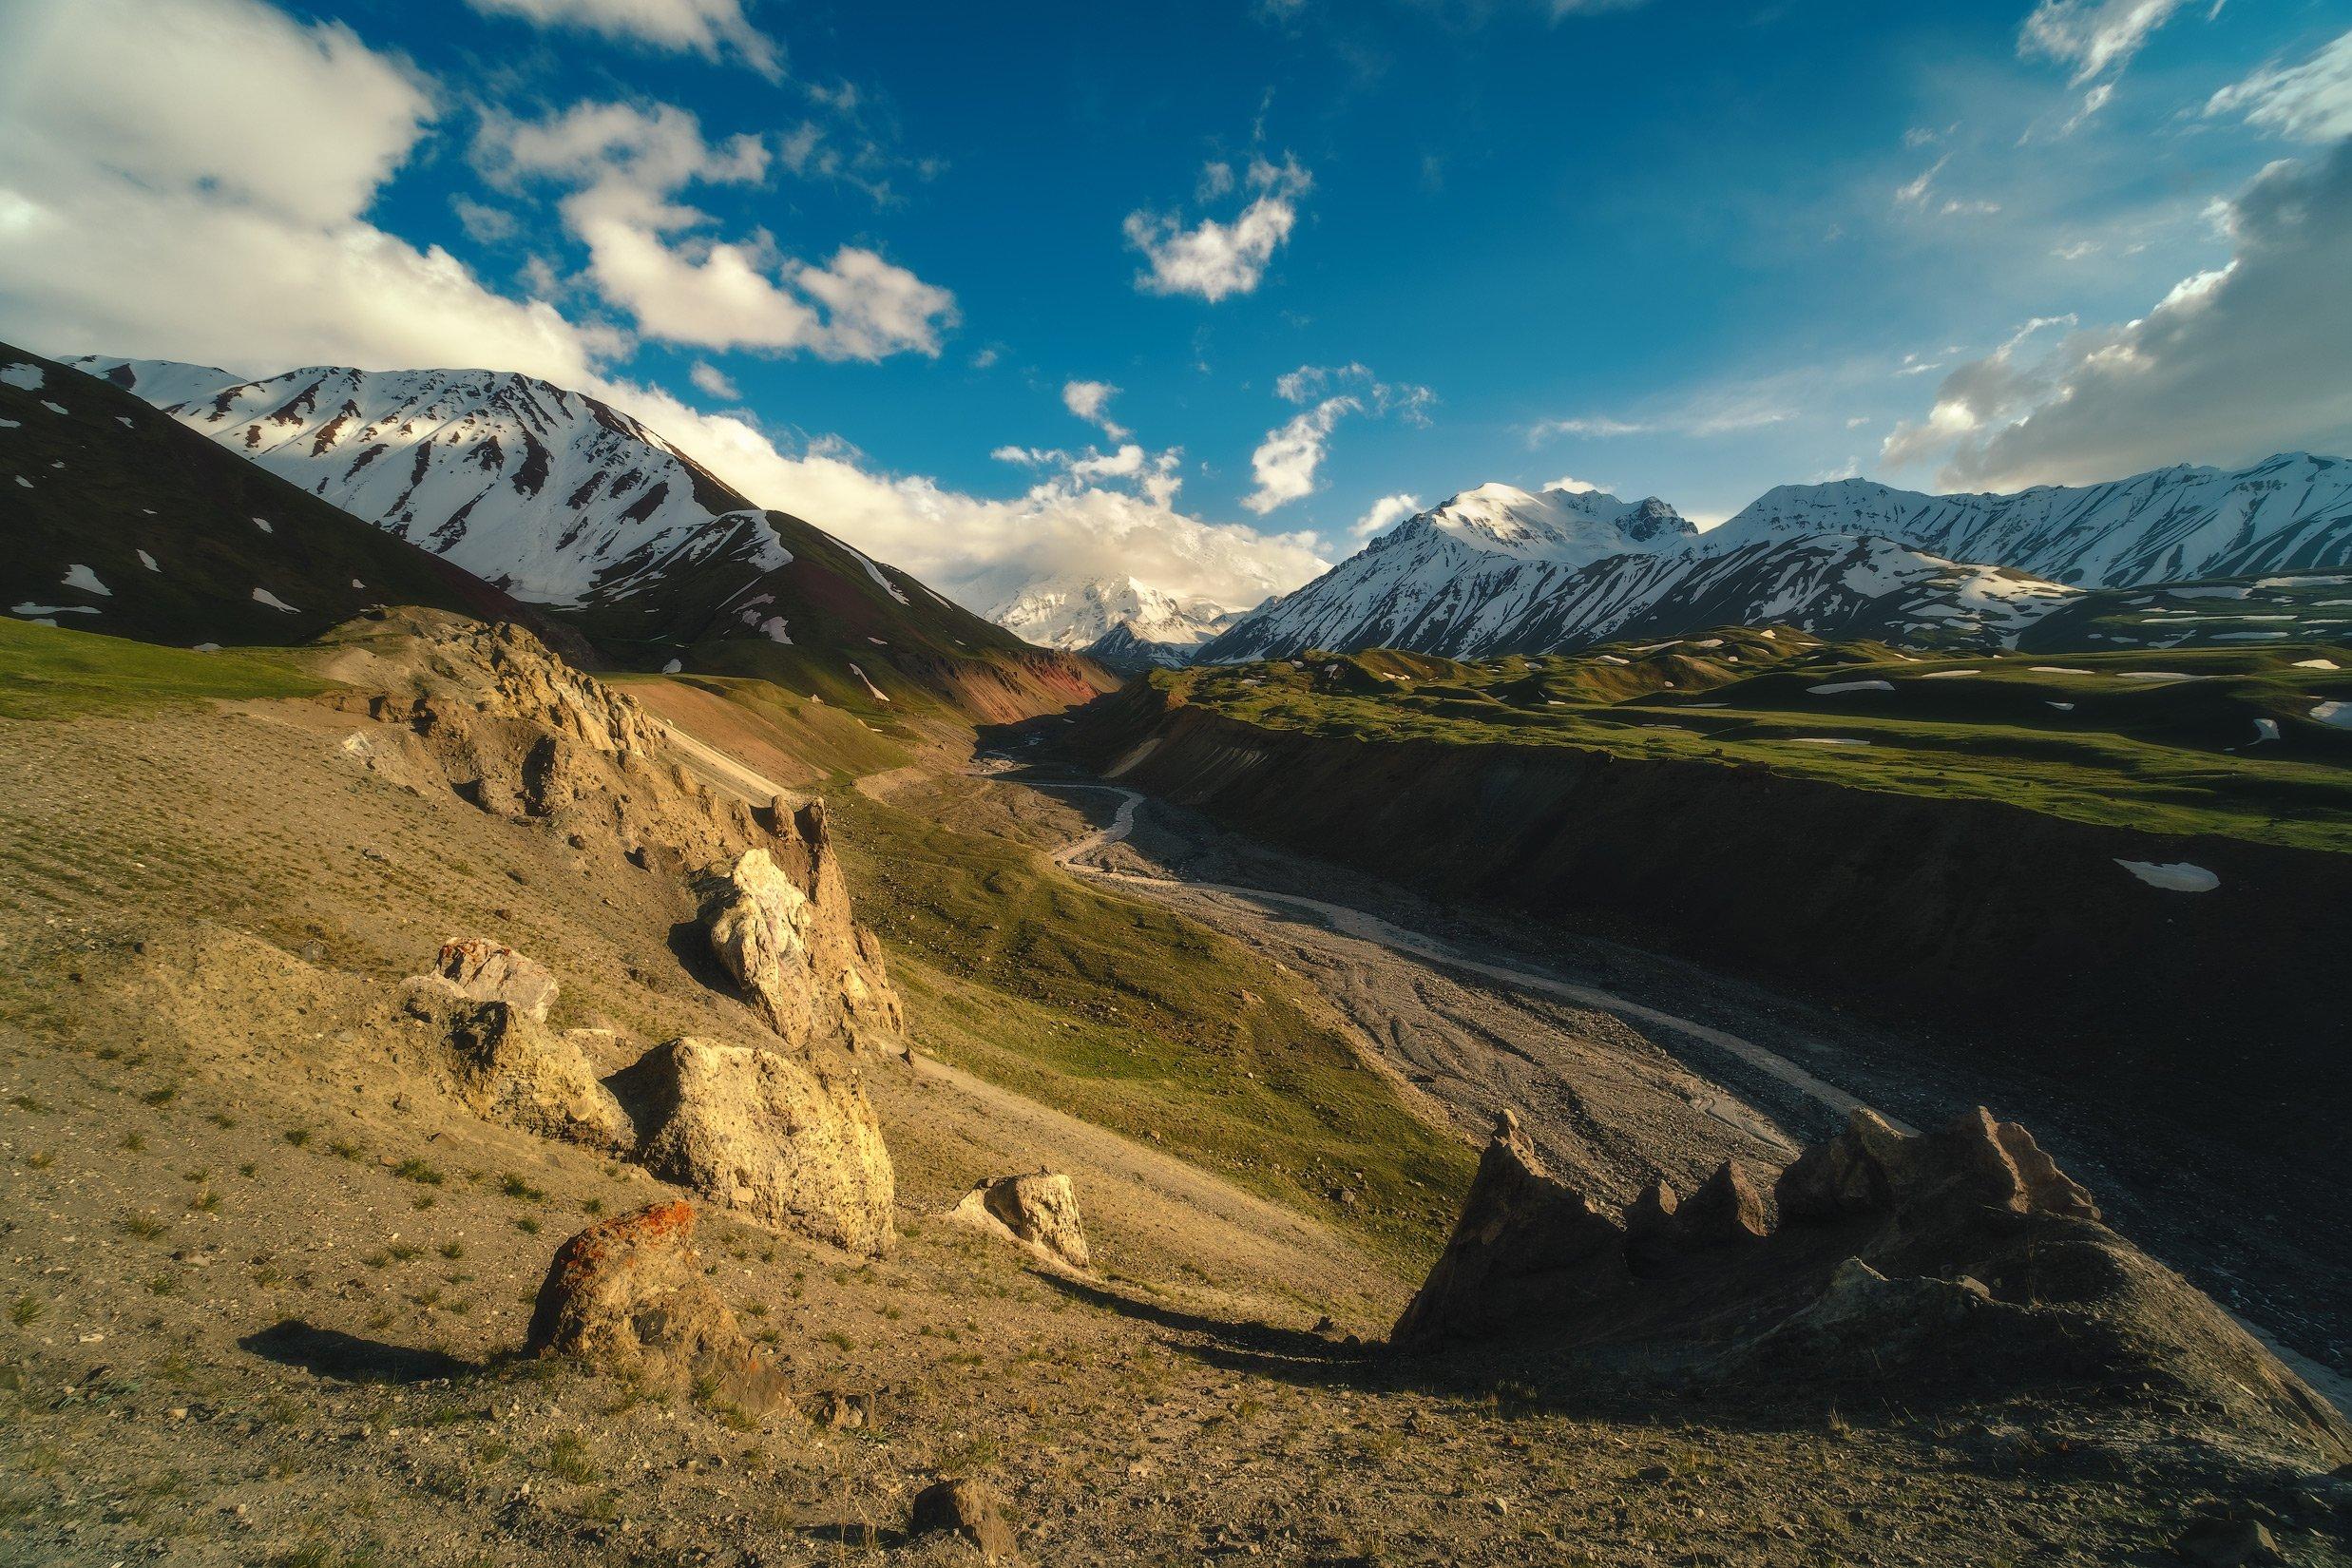 киргизия, кыргызстан, средняя азия, горы, каньон, скалы, пейзаж, лето, ущелье, каньон, закат, вечер, памир, пик ленина, ледник, Оборотов Алексей